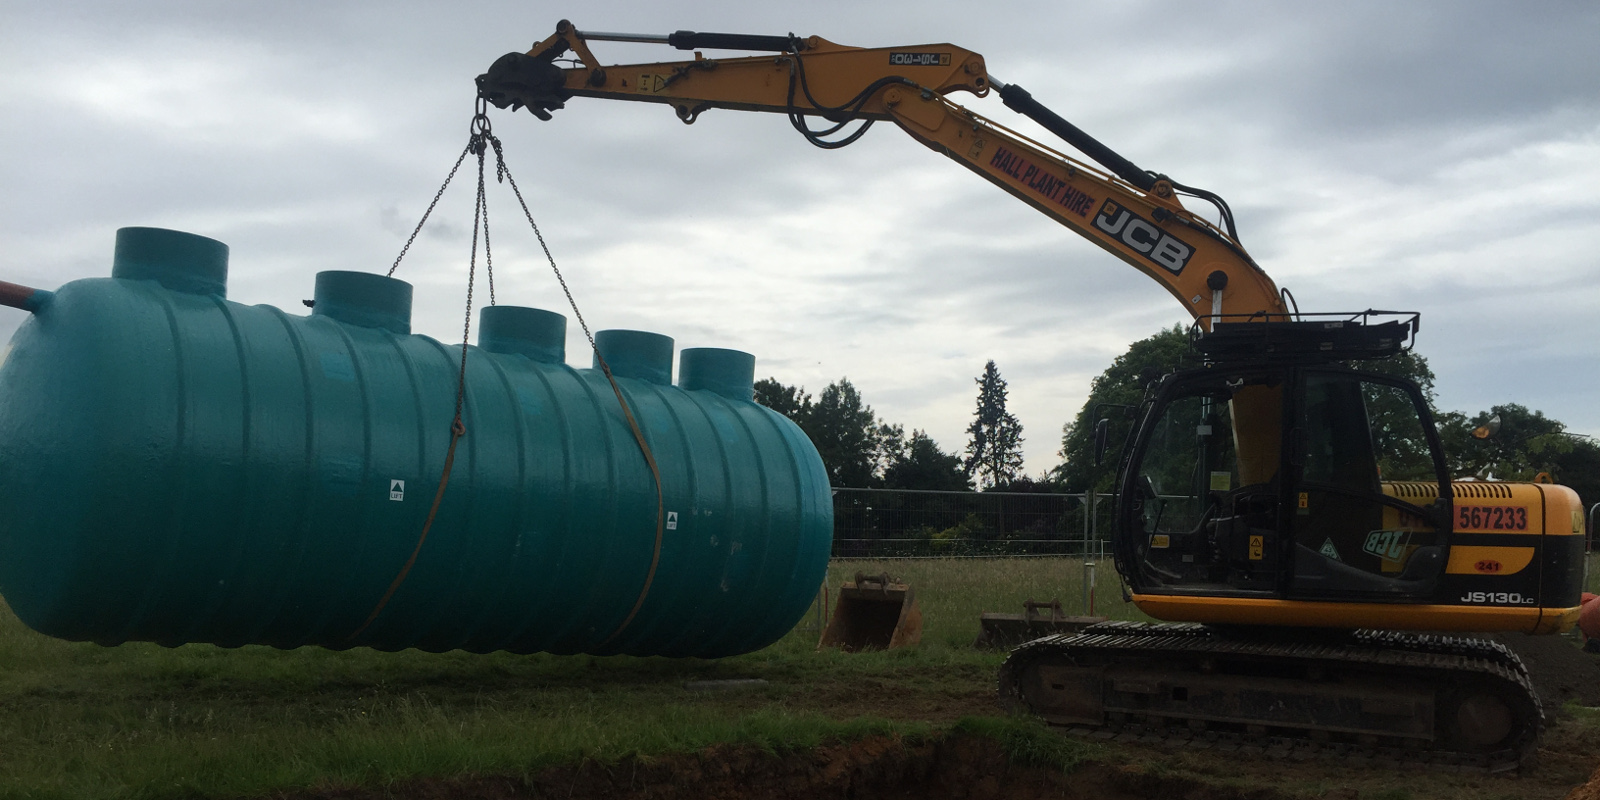 Mainline Environmental Installation Ltd